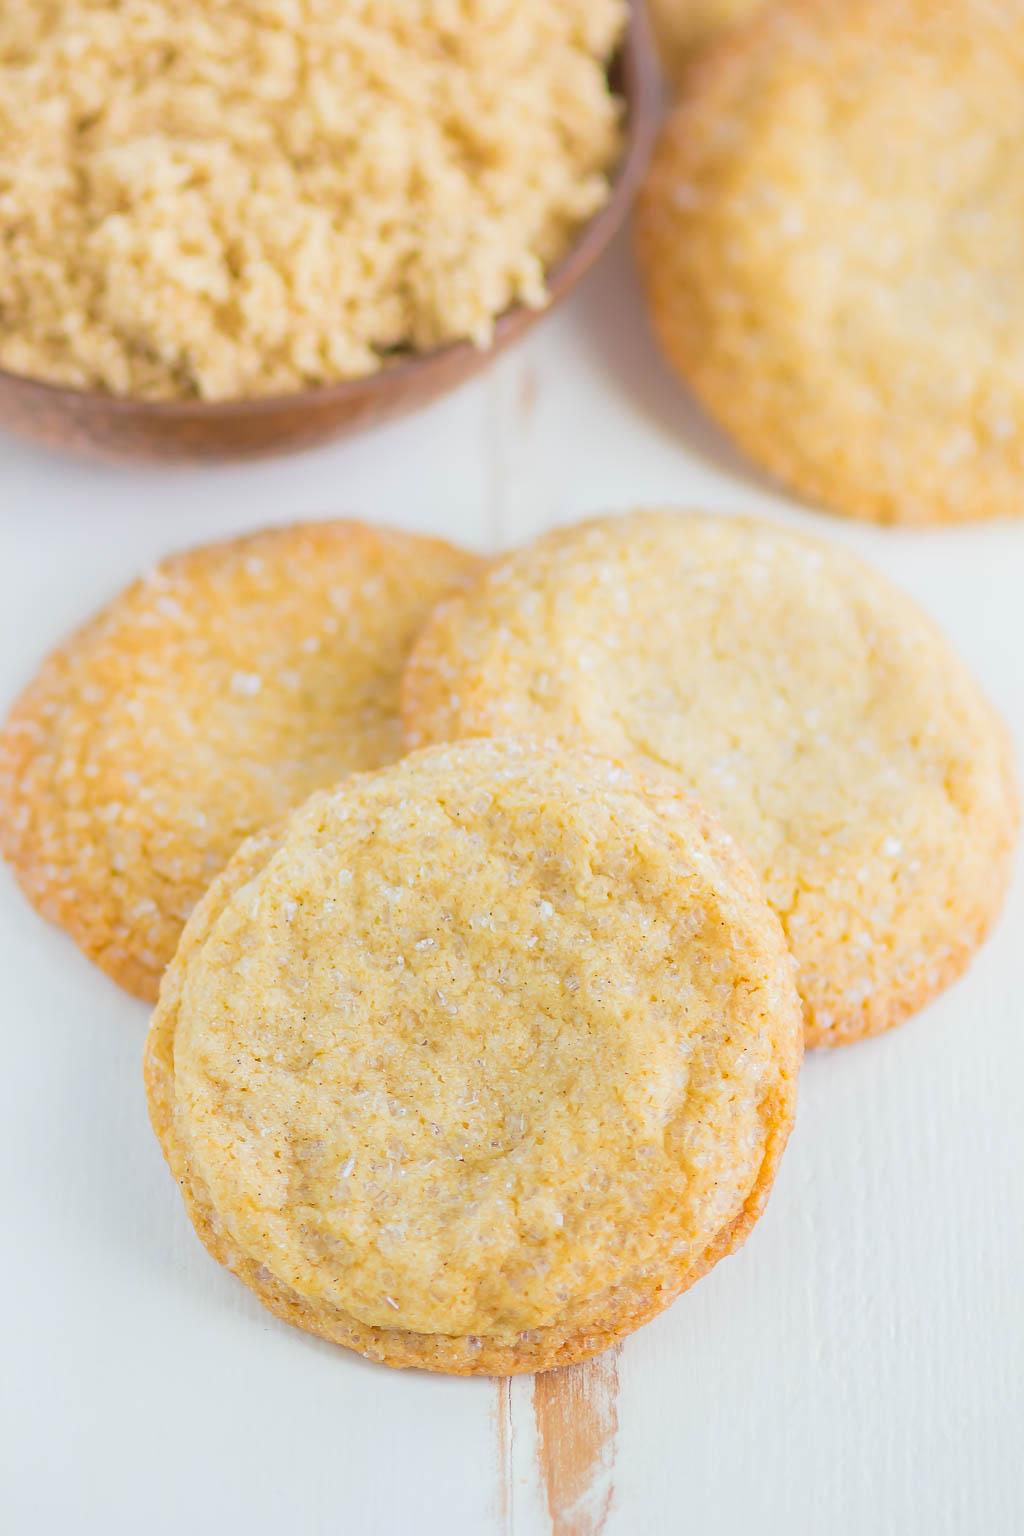 Overhead view of three simple brown sugar cookies.